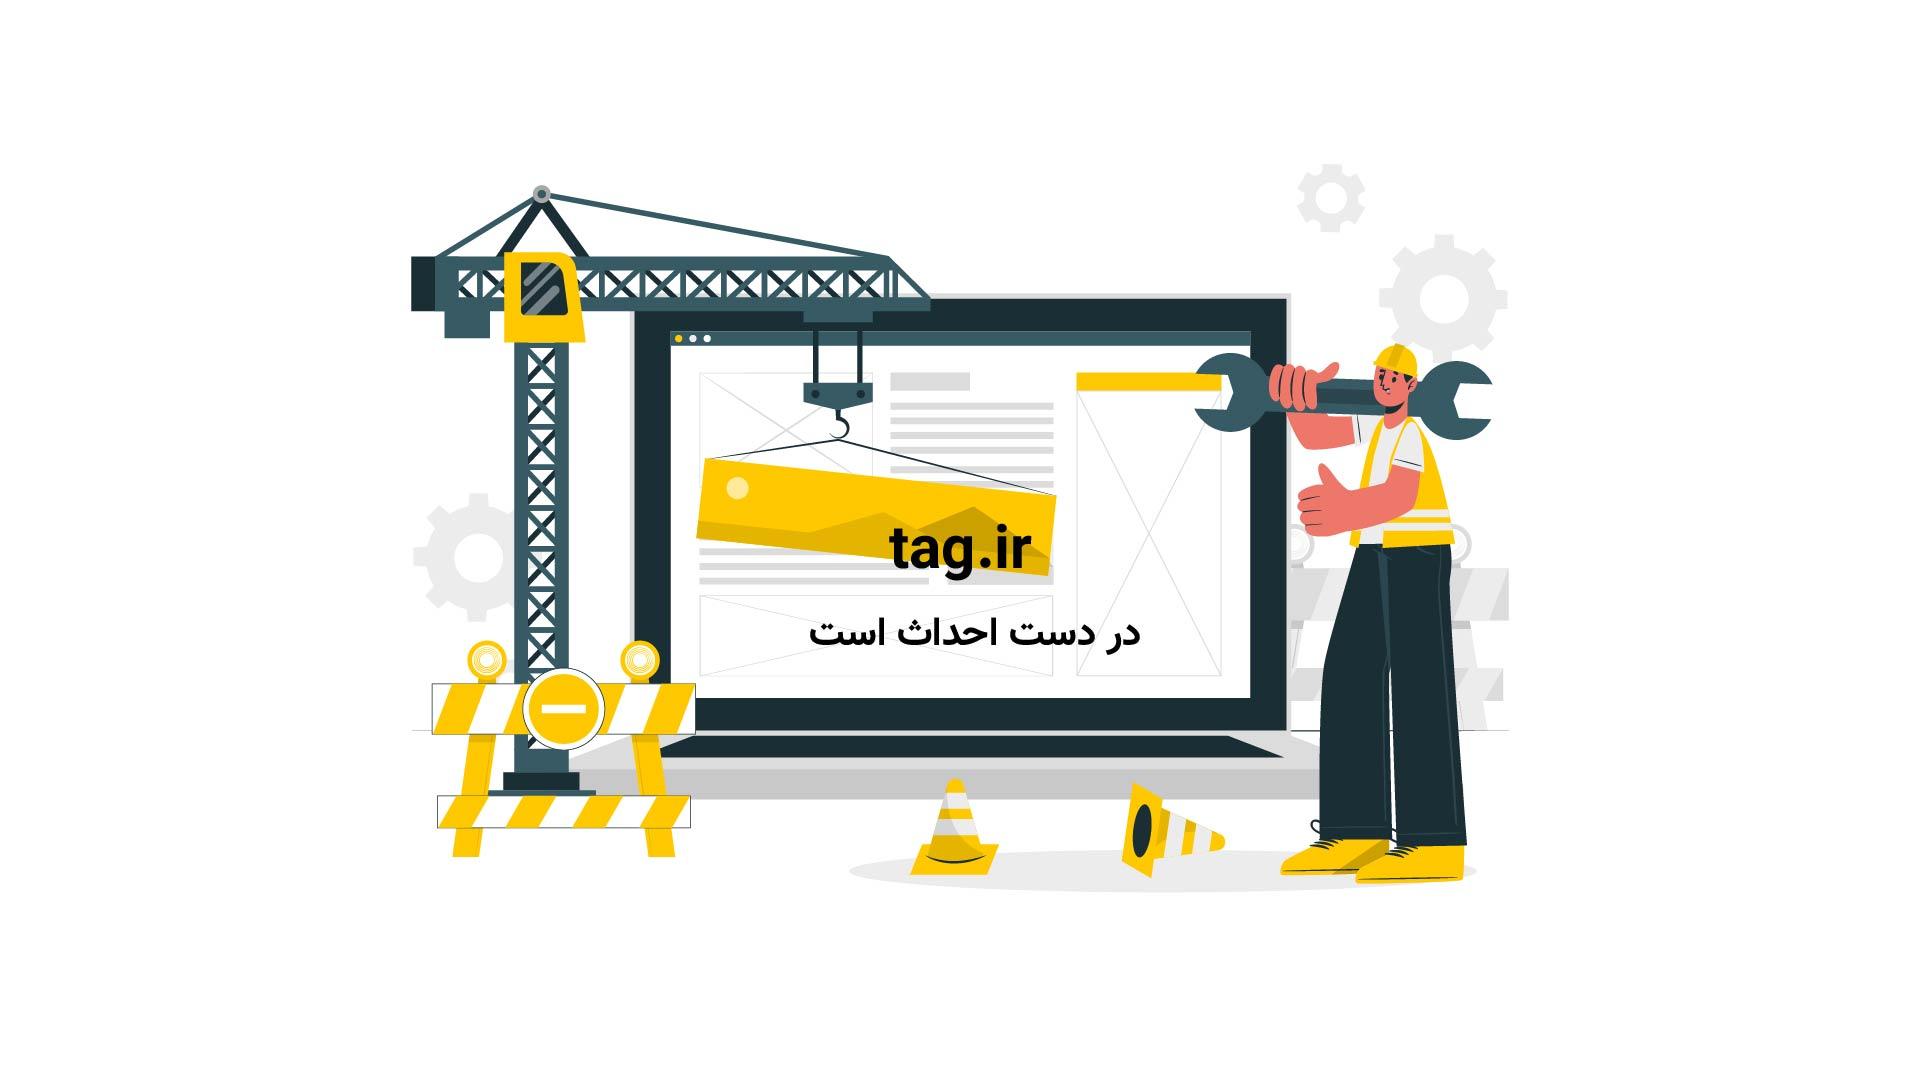 وضعیت اسفباری که مسلمانان روهینگیا در بنگلادش دارند | تگ